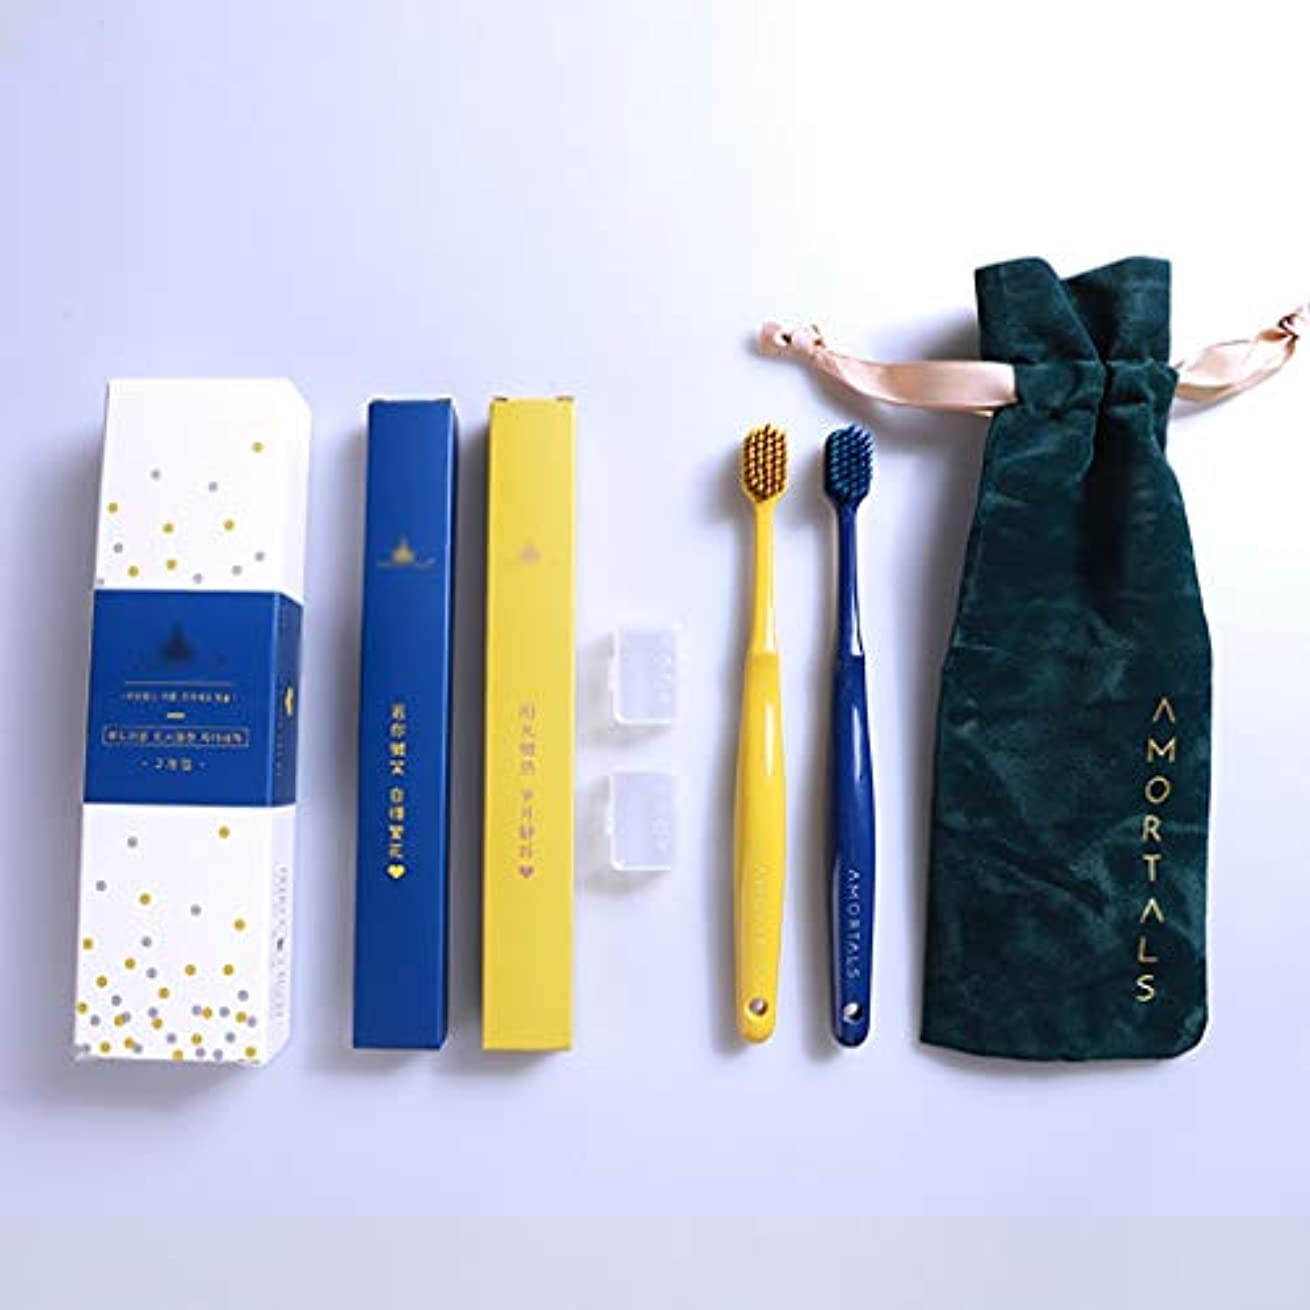 穏やかな教え救いガムの効率的な洗浄及び保護のための人間工学PBTブラシハンドル歯ブラシ